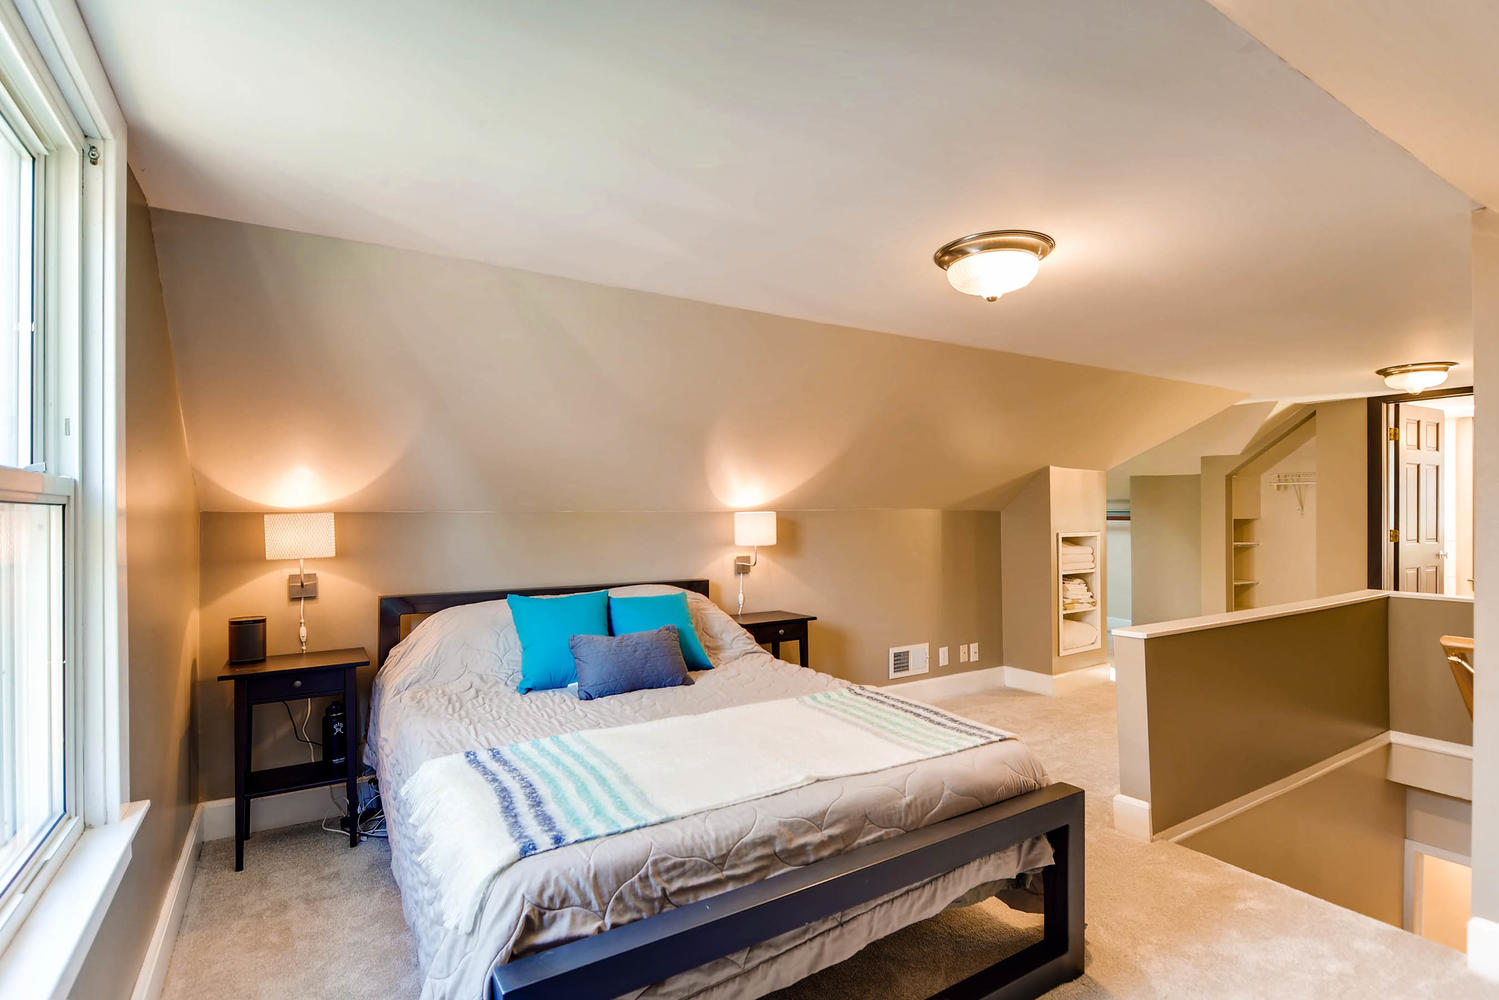 3139 Cleveland St NE-large-015-25-2nd Floor Master Bedroom-1500x1000-72dpi.jpg